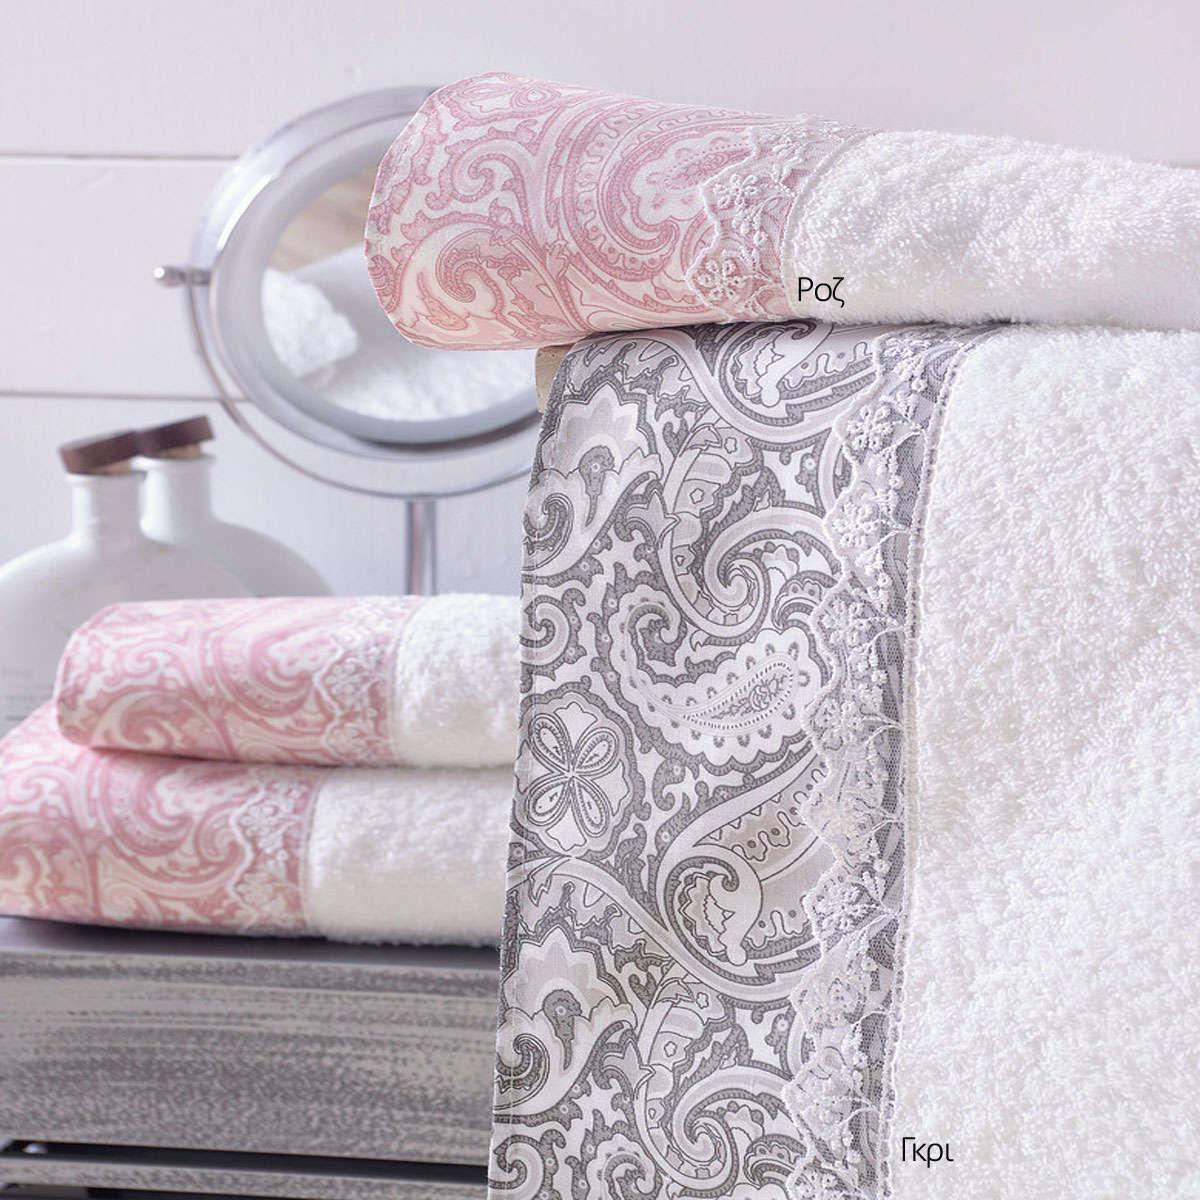 Πετσέτες Σετ 3τμχ Σε Σακούλα Layla Ροζ Ρυθμός Σετ Πετσέτες